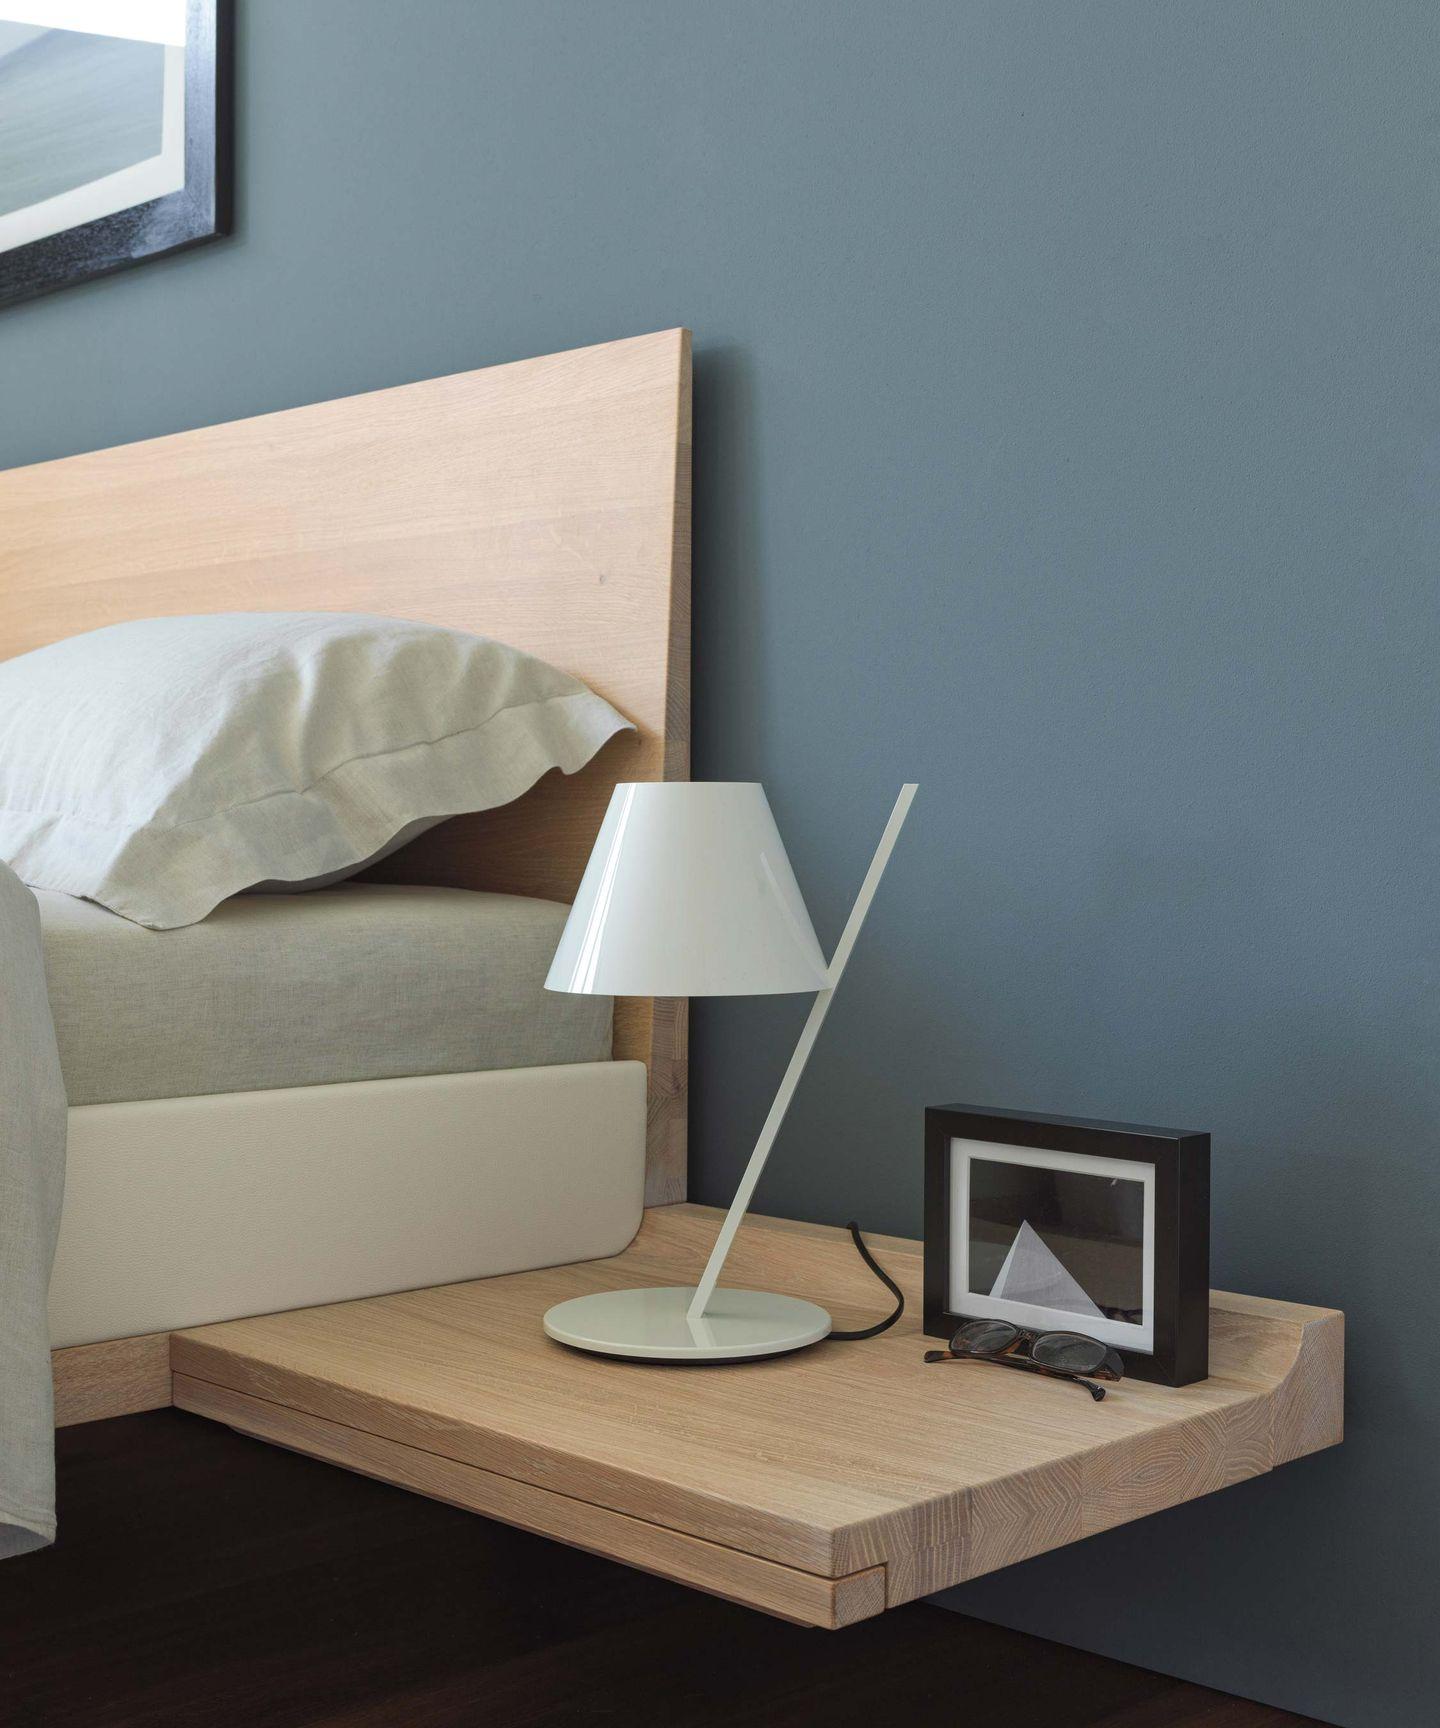 Кровать riletto с консолью из массива дерева